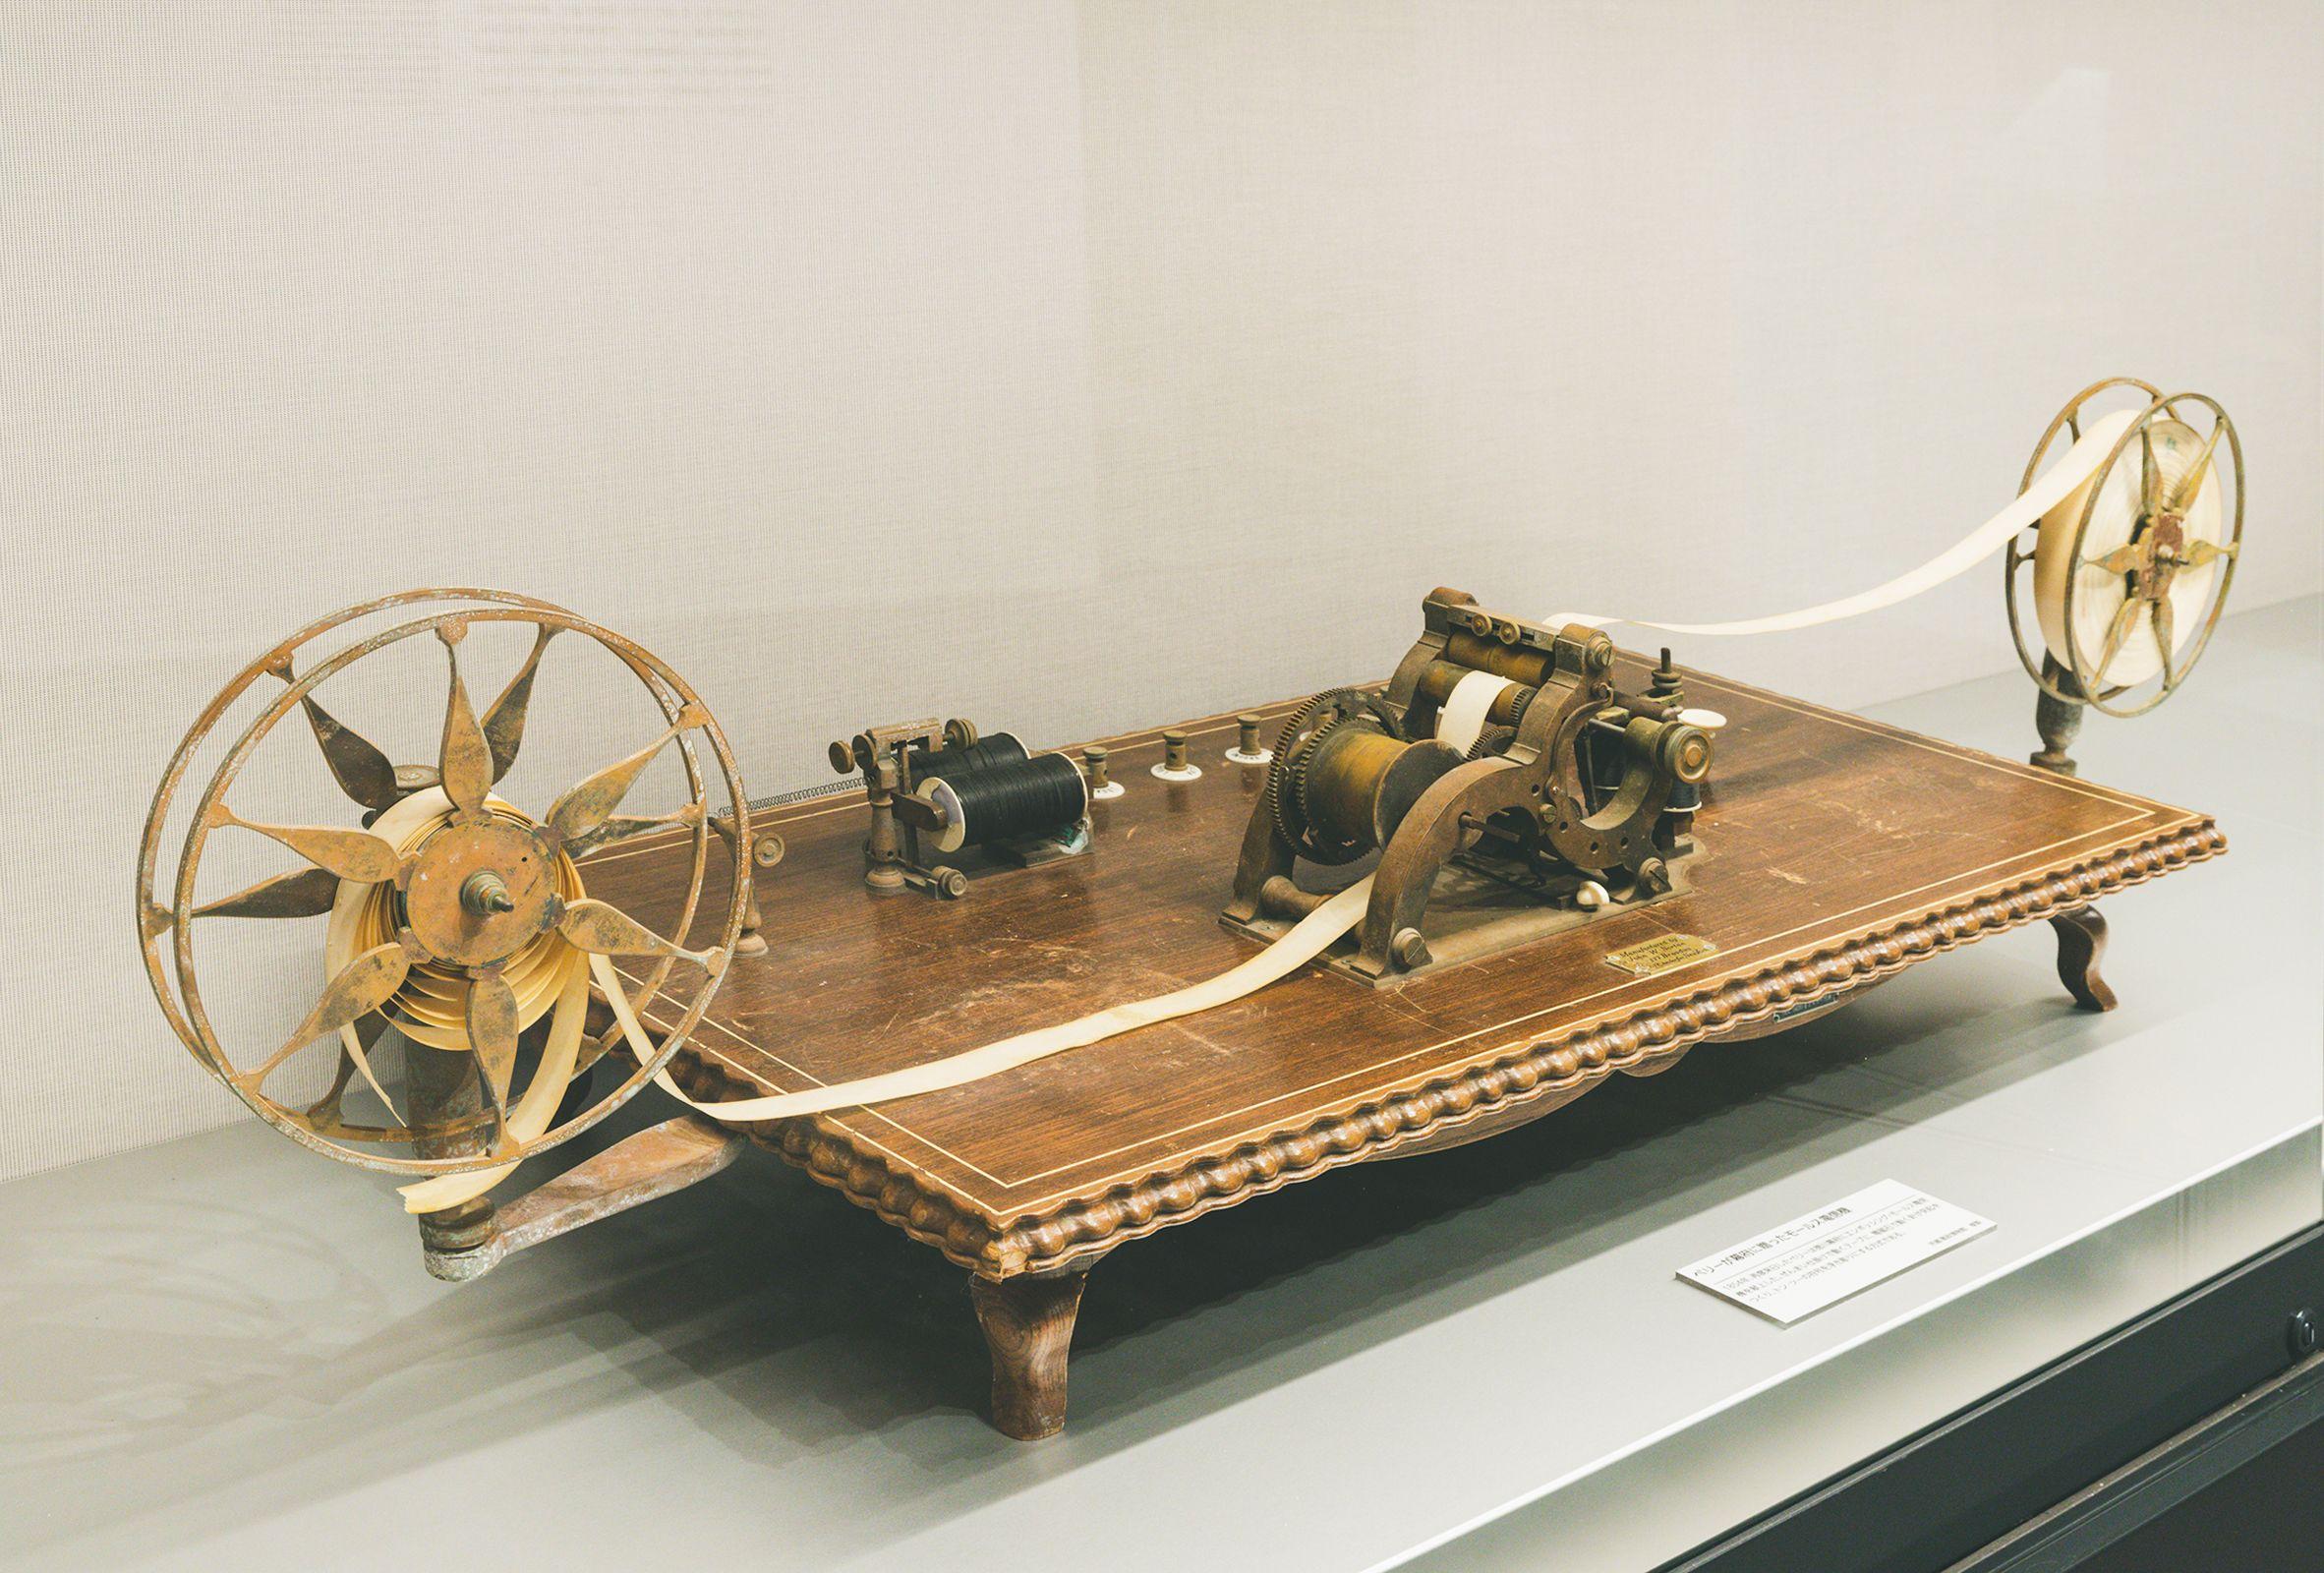 ペリー提督が徳川幕府に献上したエンボッシング・モールス電信機の複製